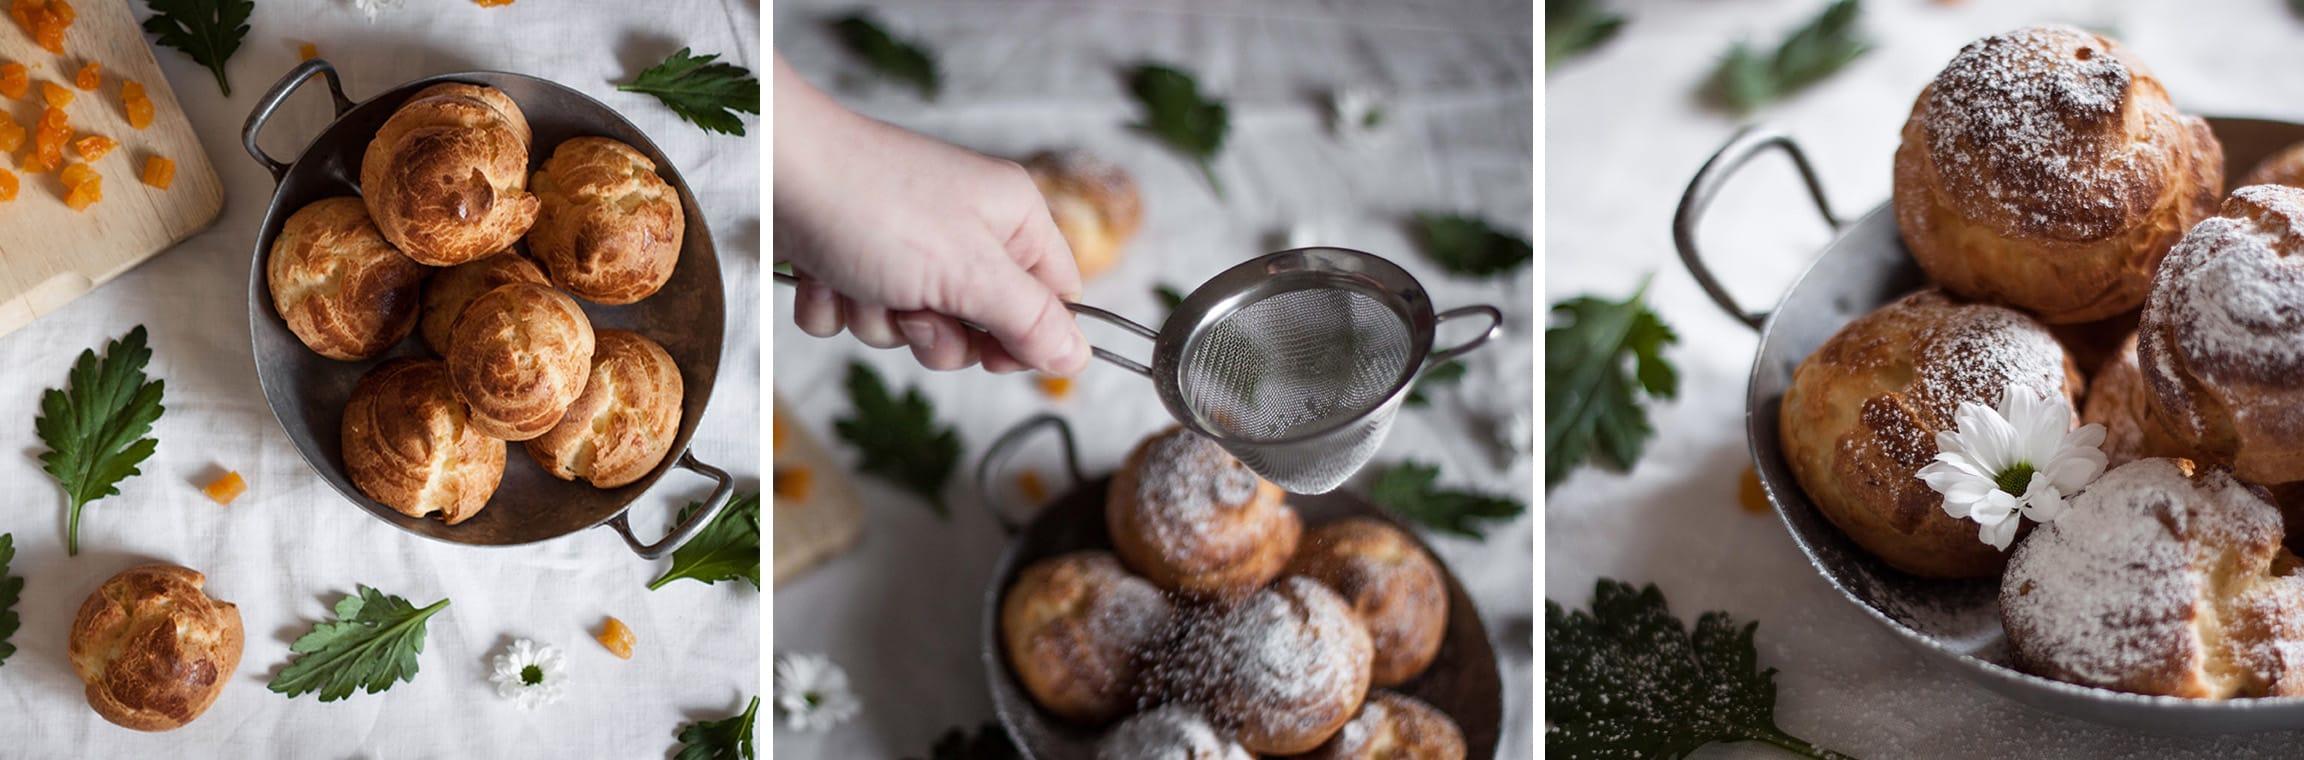 Chouquettes à la crème d'abricot